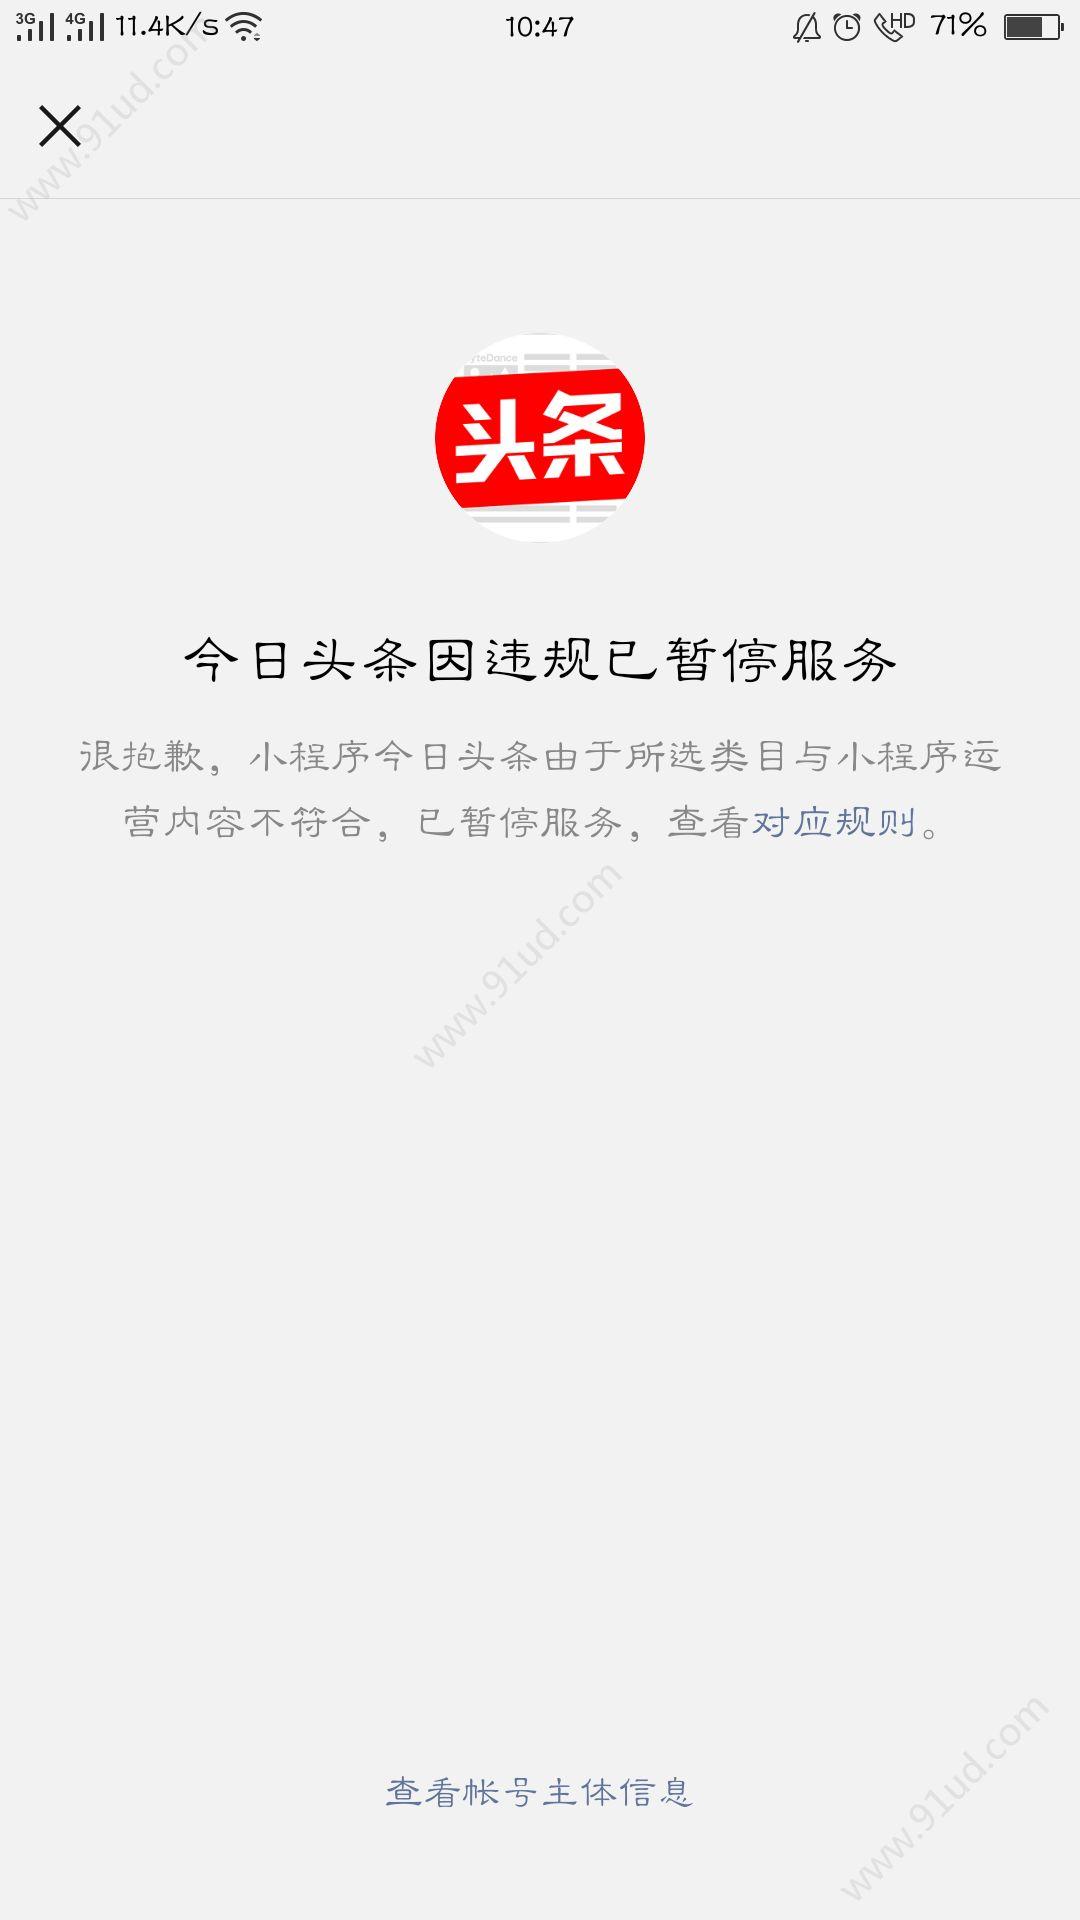 《今日头条》微信小程序因违规被暂停服务[图]图片1